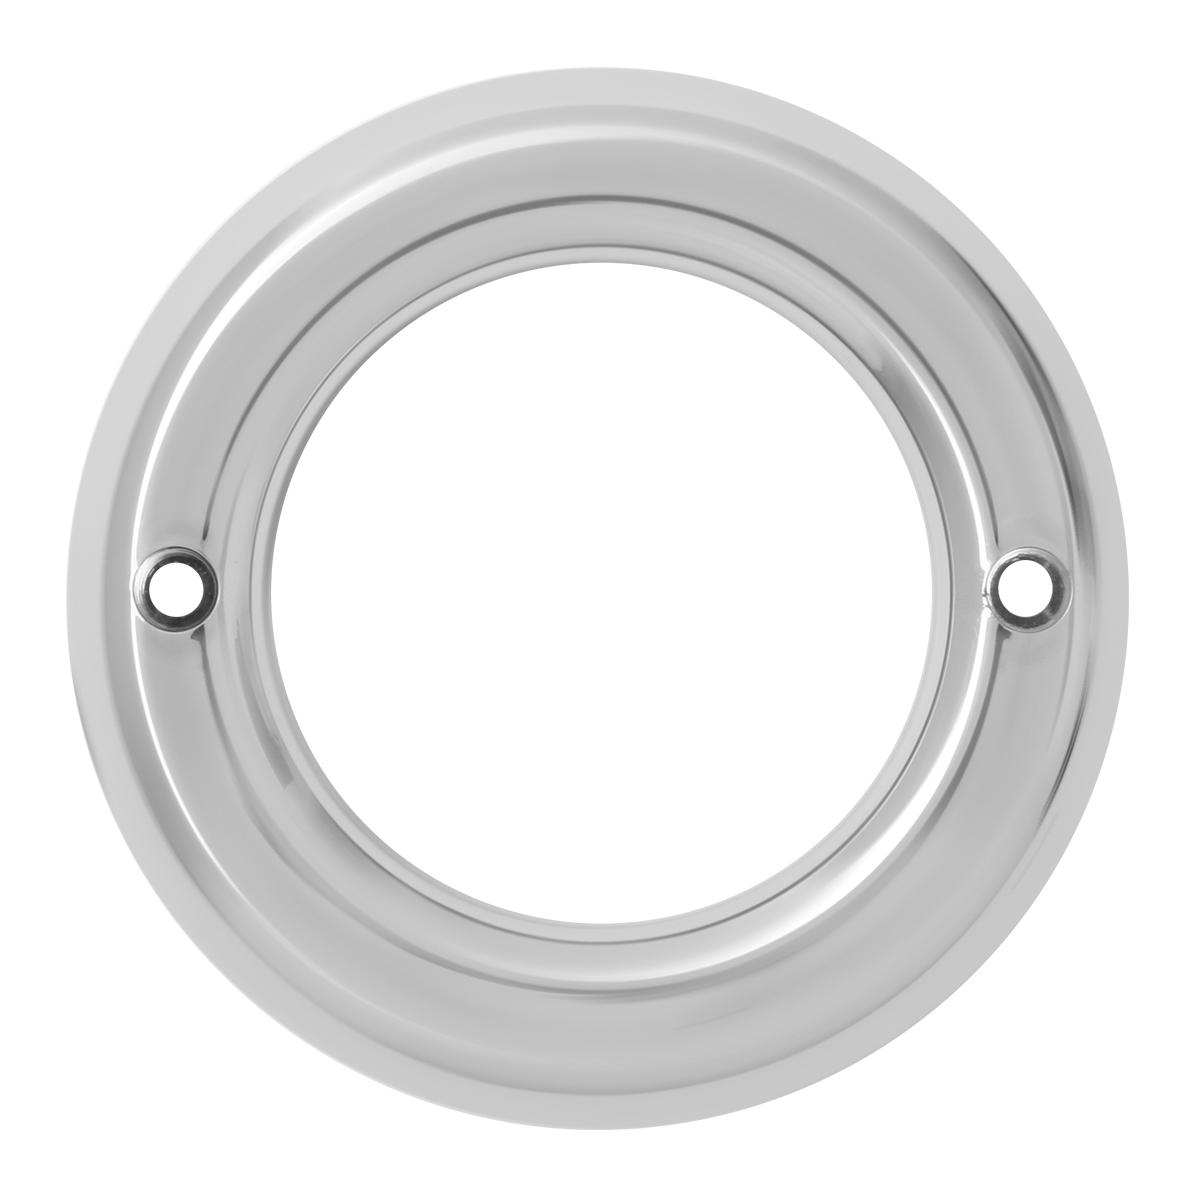 """80729 Chrome Plastic Grommet Cover w/o Visor for 2"""" Round Light"""